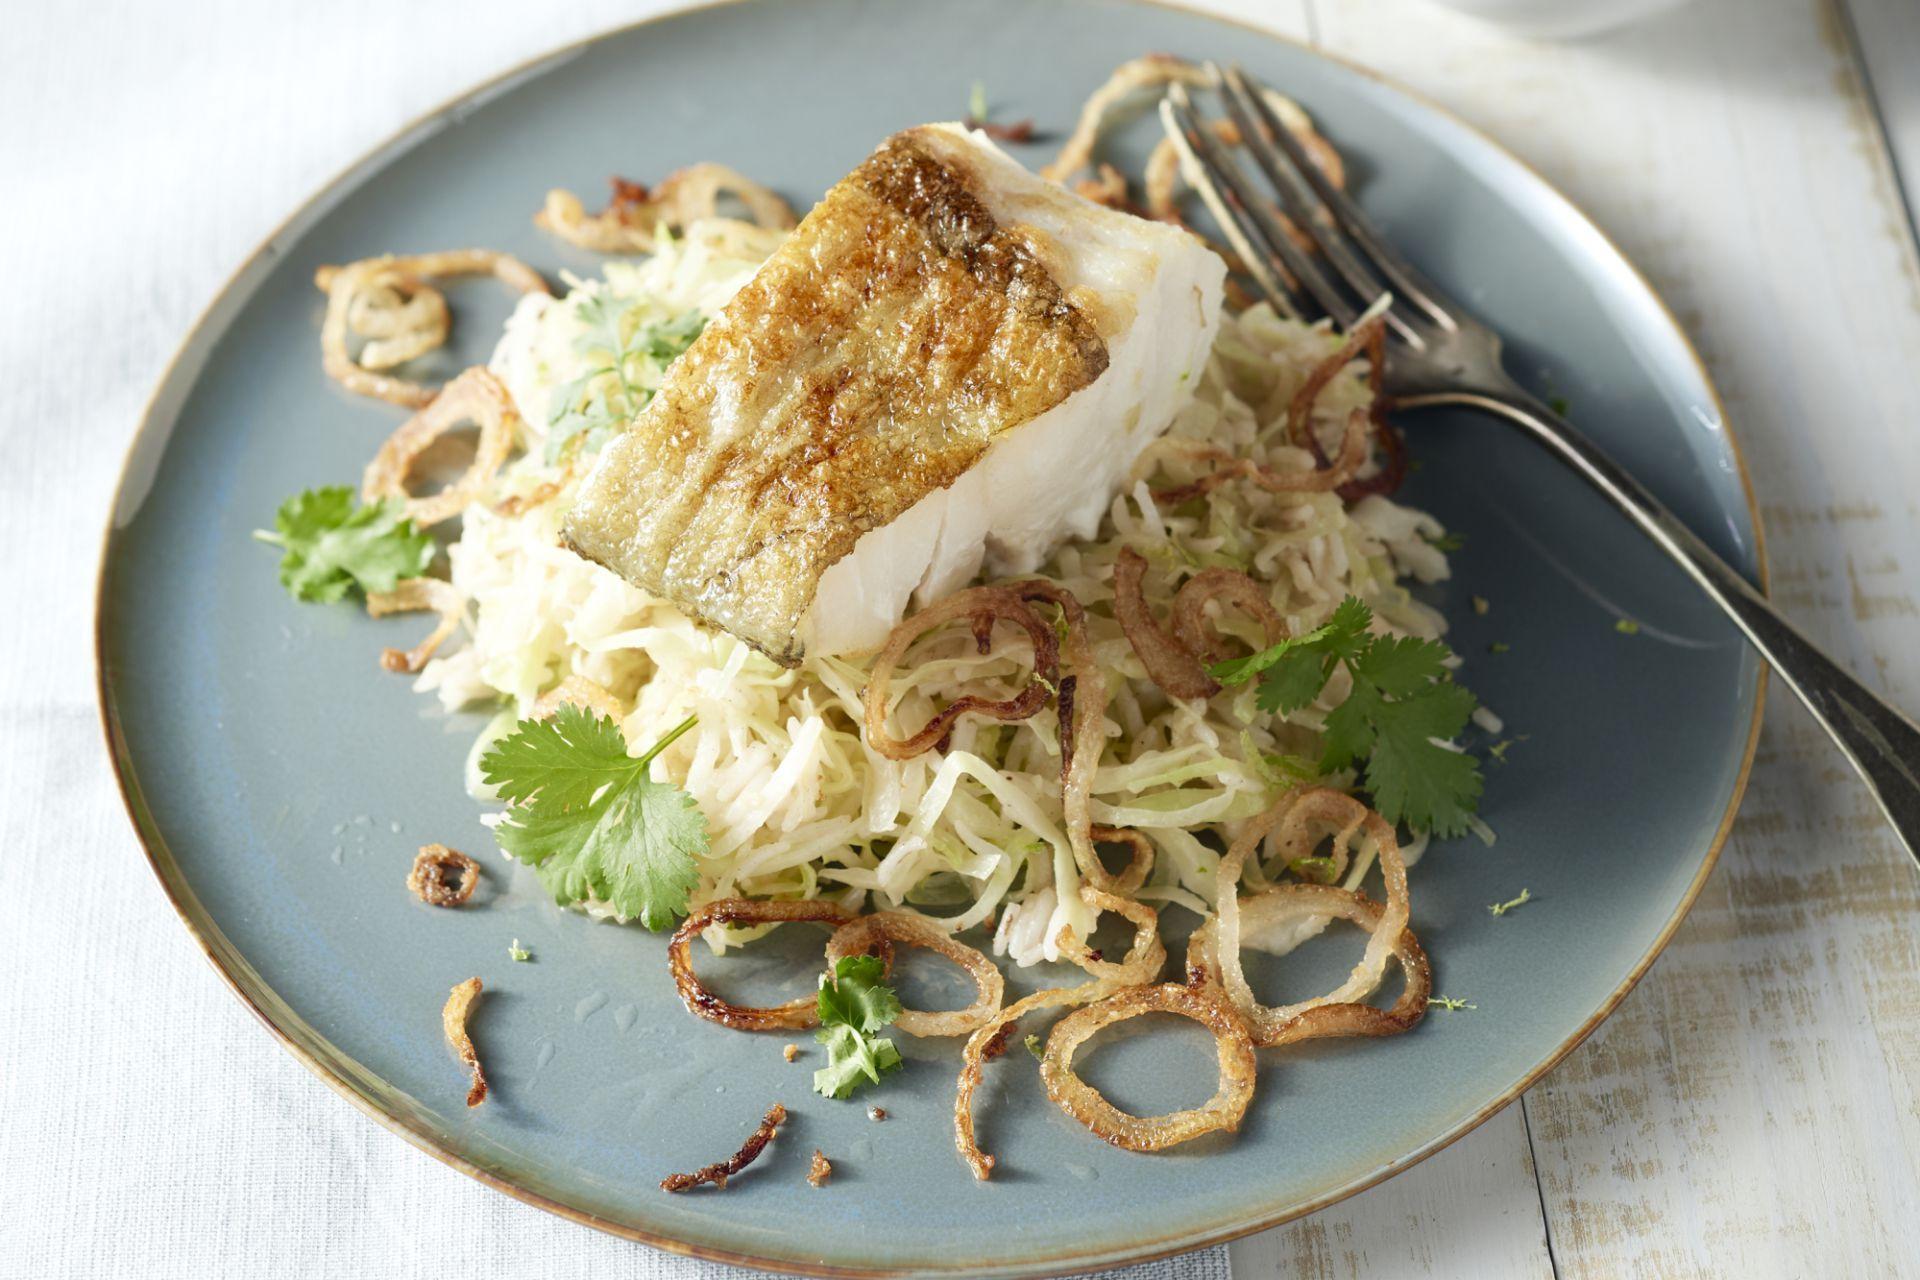 Gebakken rijst is een doordeweeks gerecht, maar dankzij de heerlijk sappige kabeljauwfilets, wordt dit gerecht naar een hoger niveau getild.